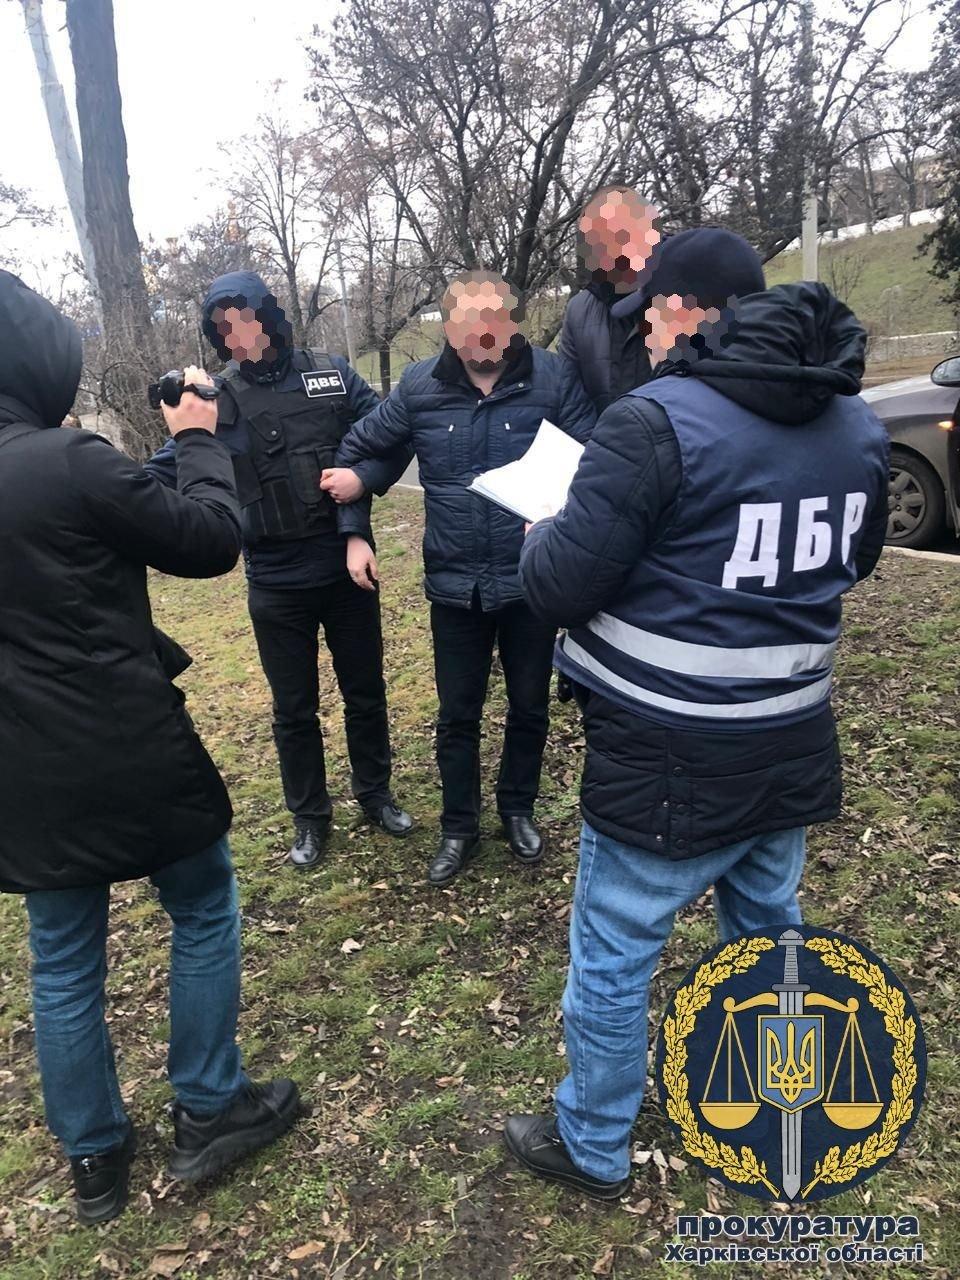 Бросил своего 8-летнего ребенка и попытался сбежать: в Харькове попался на взятке подполковник полиции, - ФОТО, фото-3